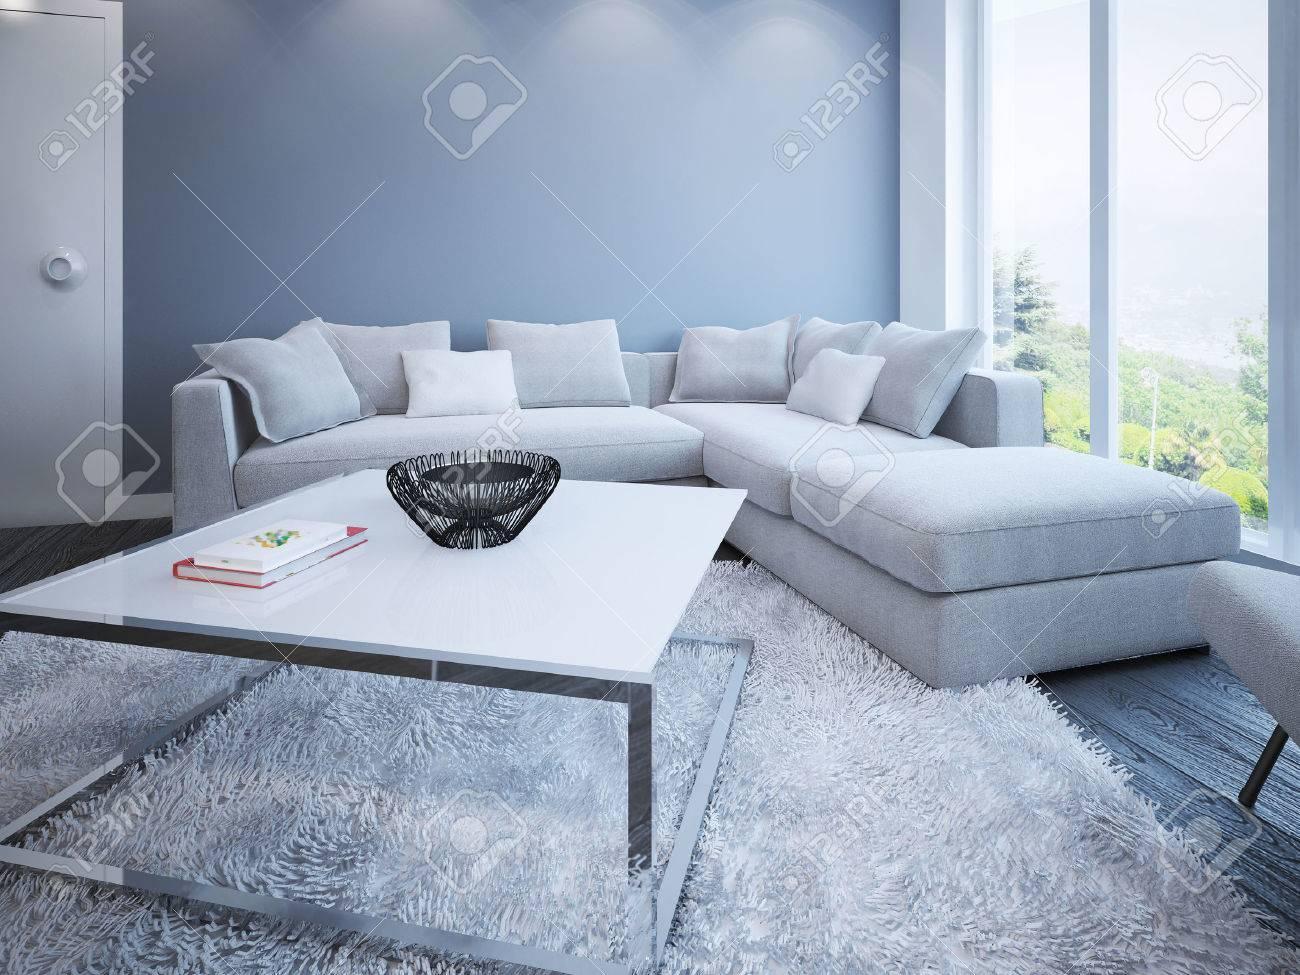 Salon Chambre de style scandinave. Canapé d\'angle avec des oreillers dans  la chambre avec des murs de couleur bleu et vue panoramique à travers la ...